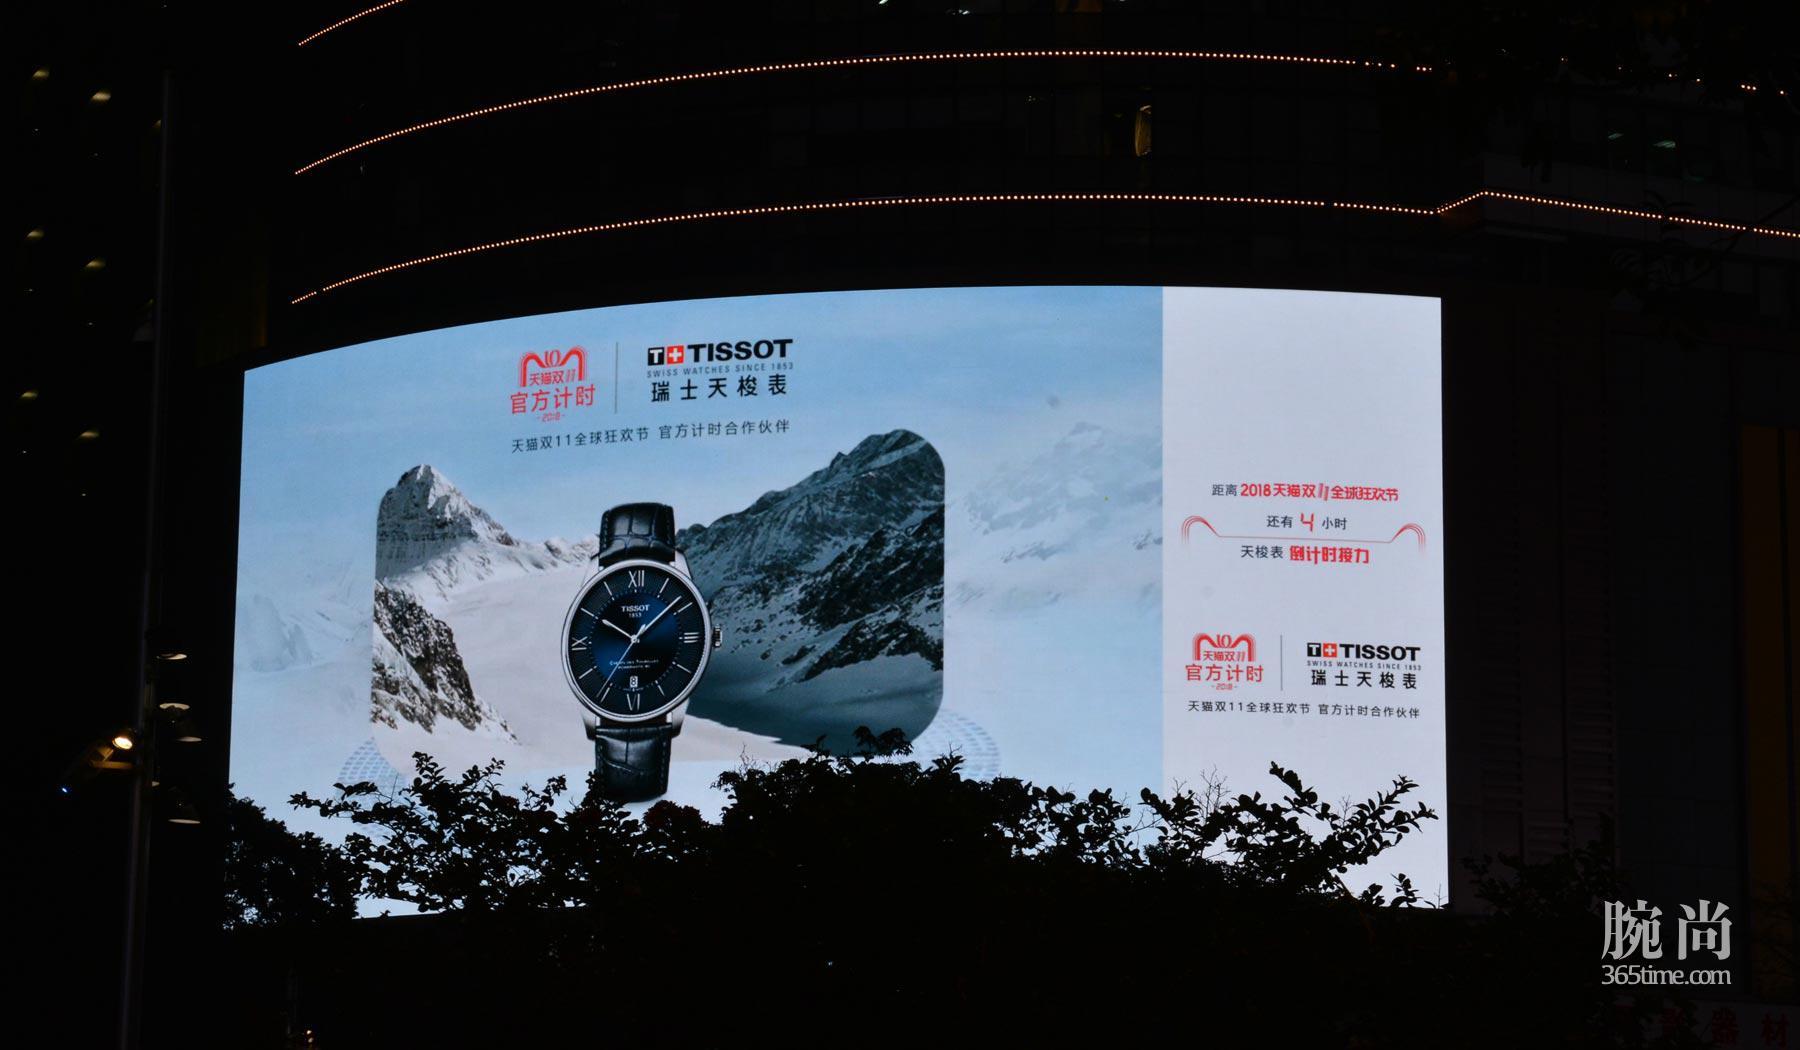 图13:天梭表霸屏广州万菱汇大屏幕为天猫双11倒数.jpg